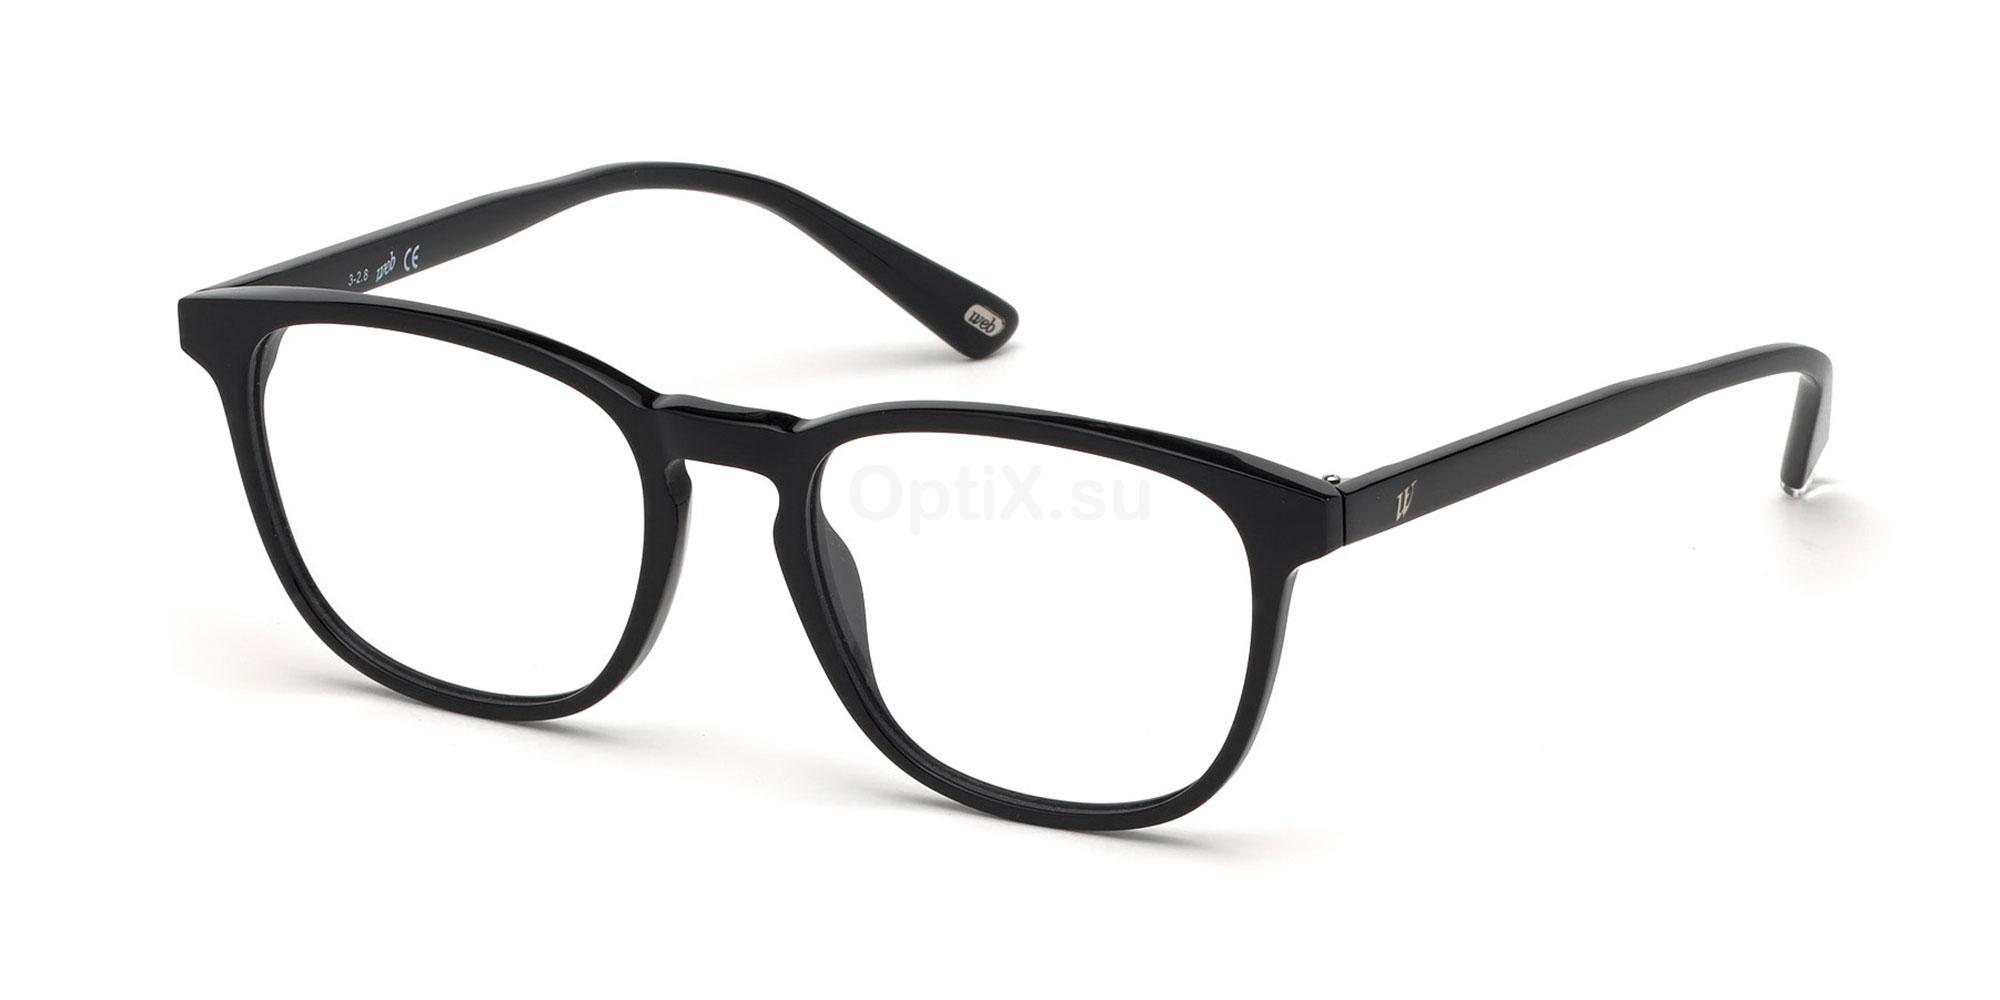 001 WE5293 Glasses, Web